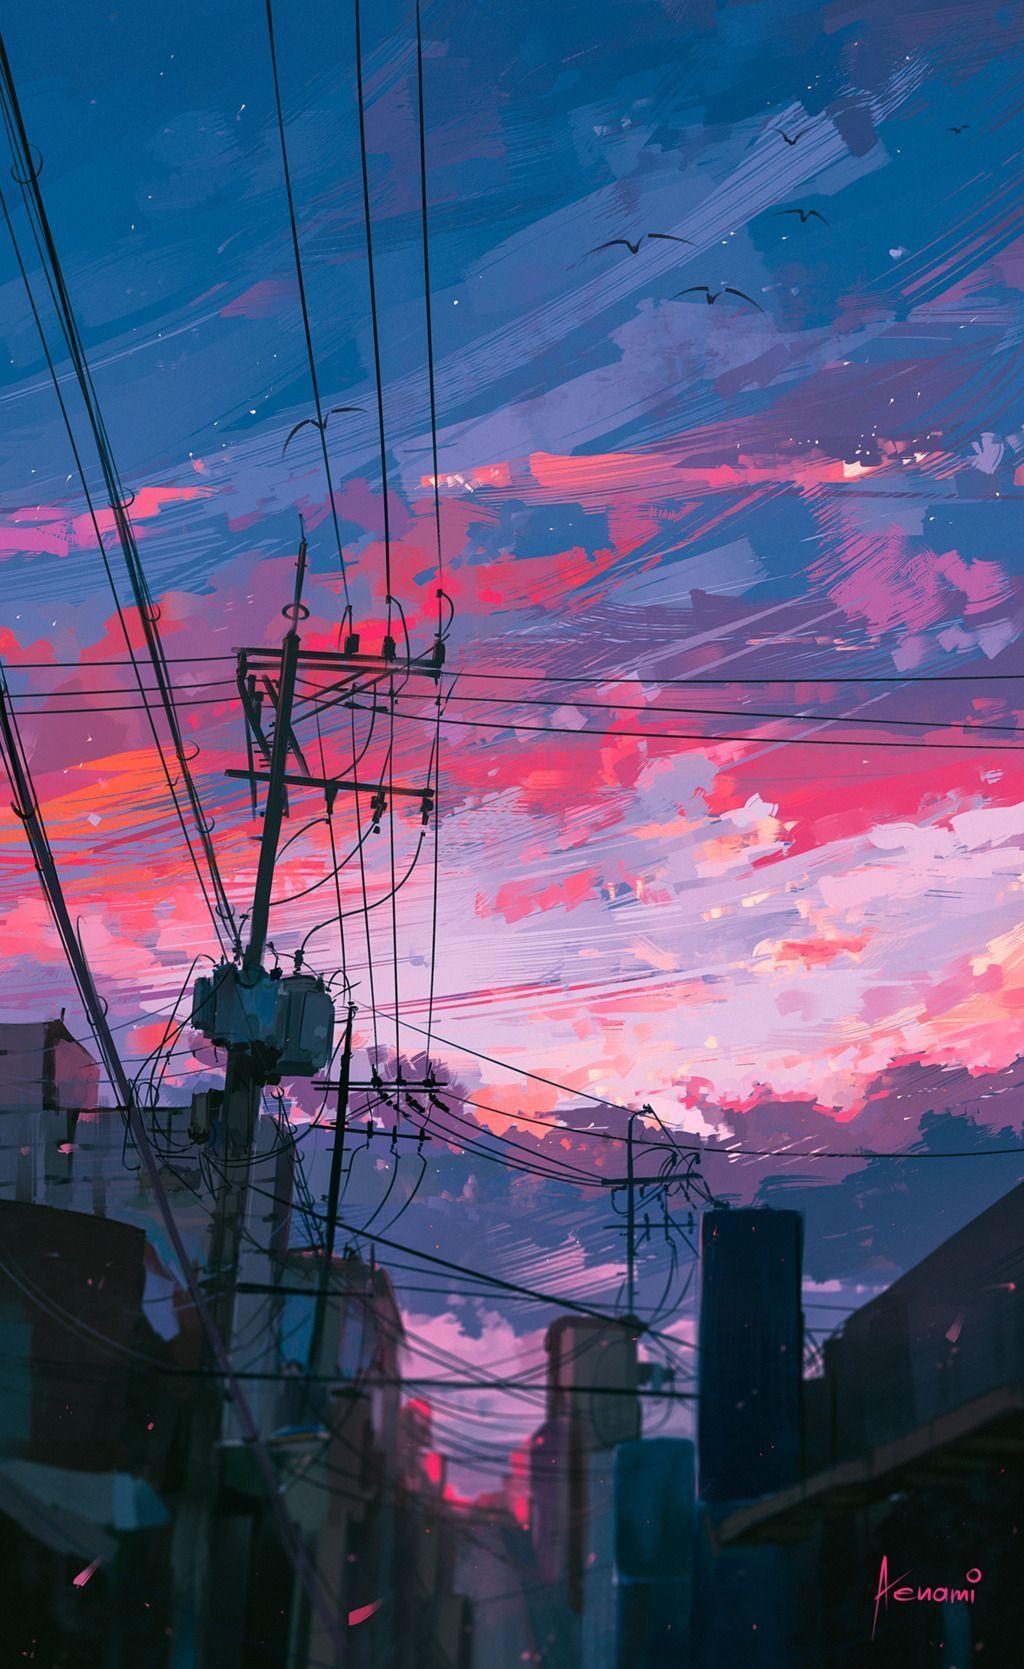 Anime Aesthetic Wallpaper Zona ilmu 10 1024x1669